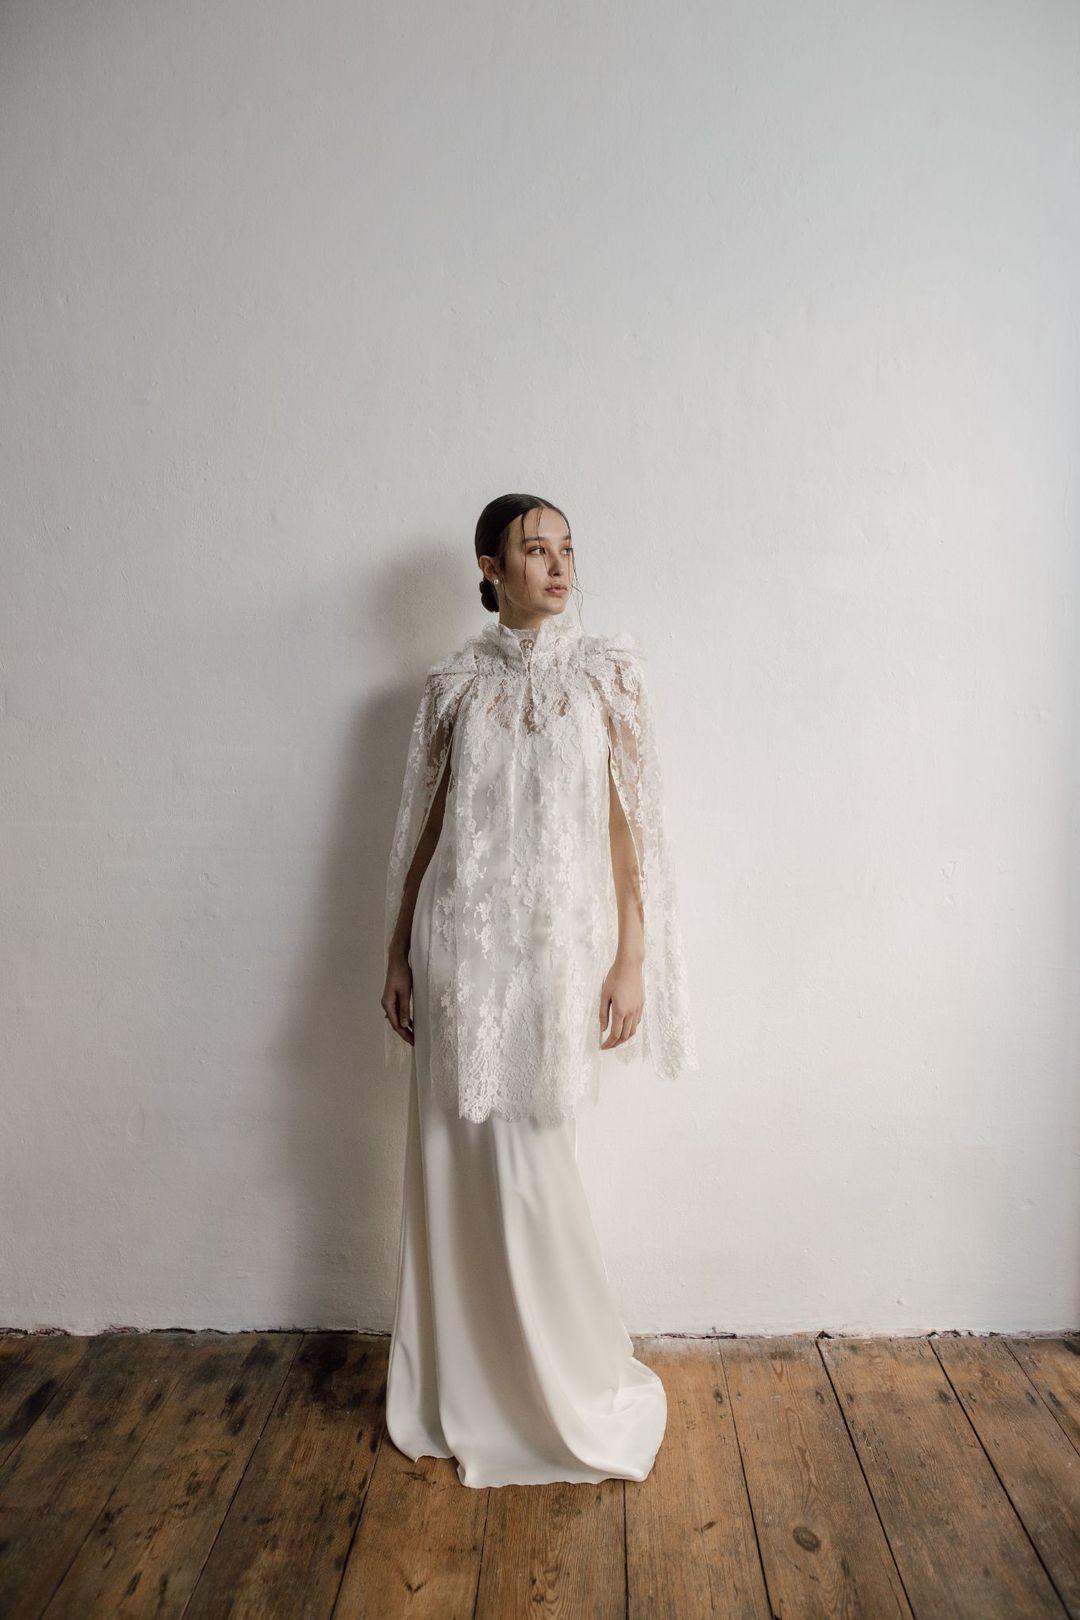 mellow cape dress photo